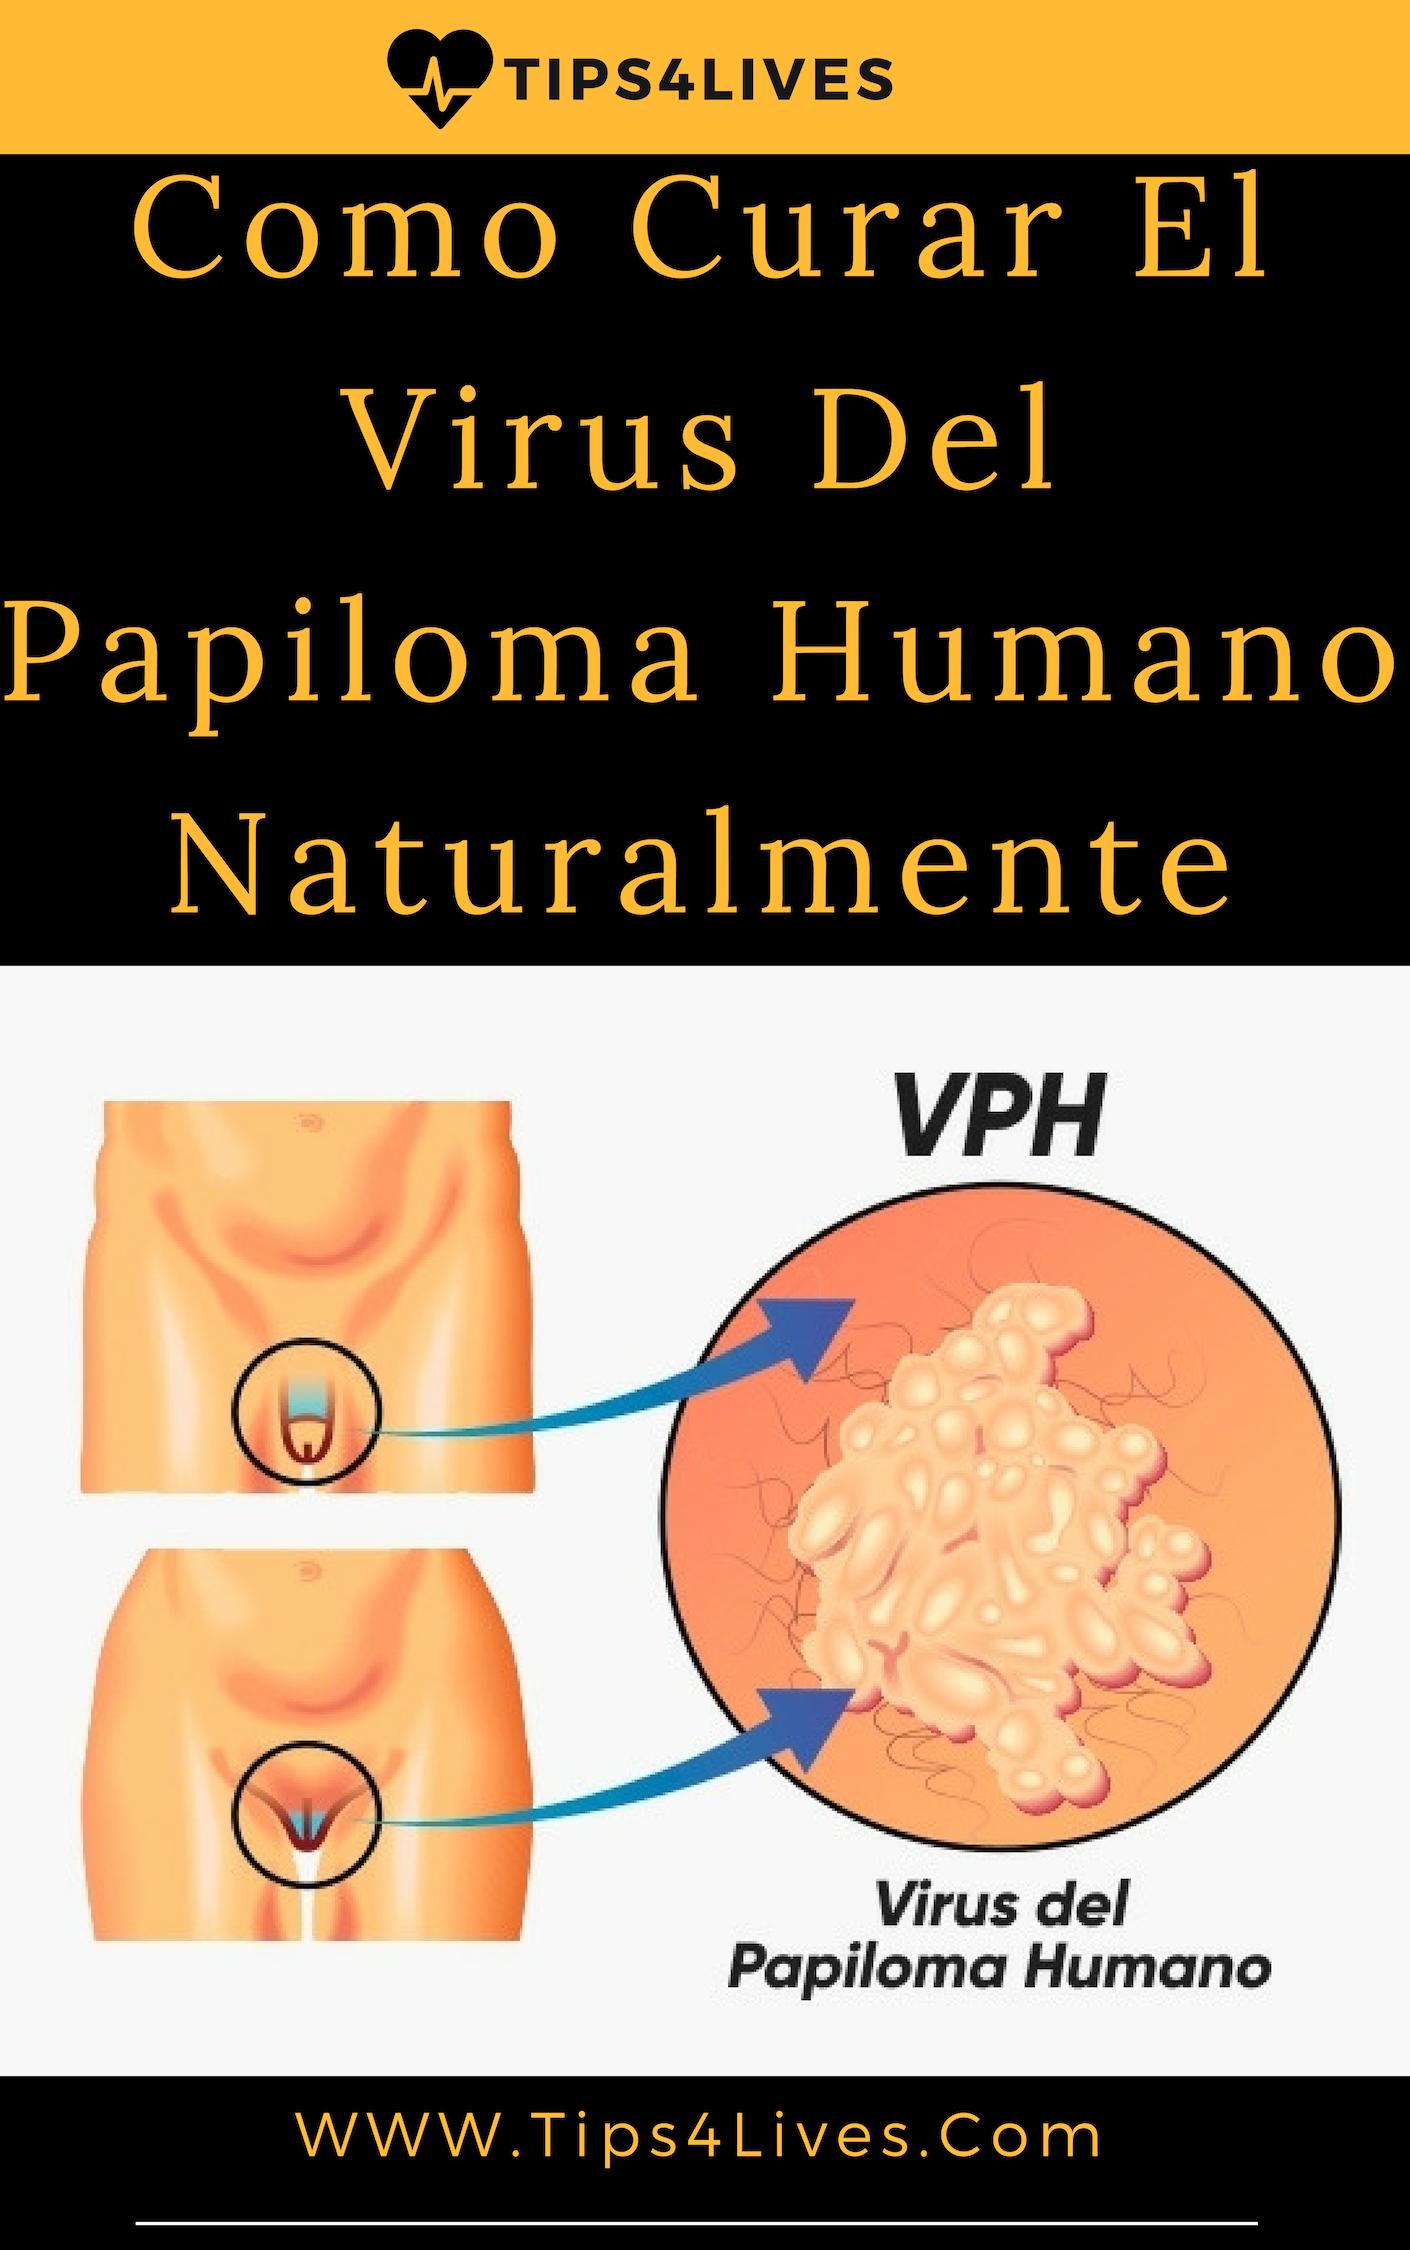 hpv vaccine dubai membrii trupa parazitii